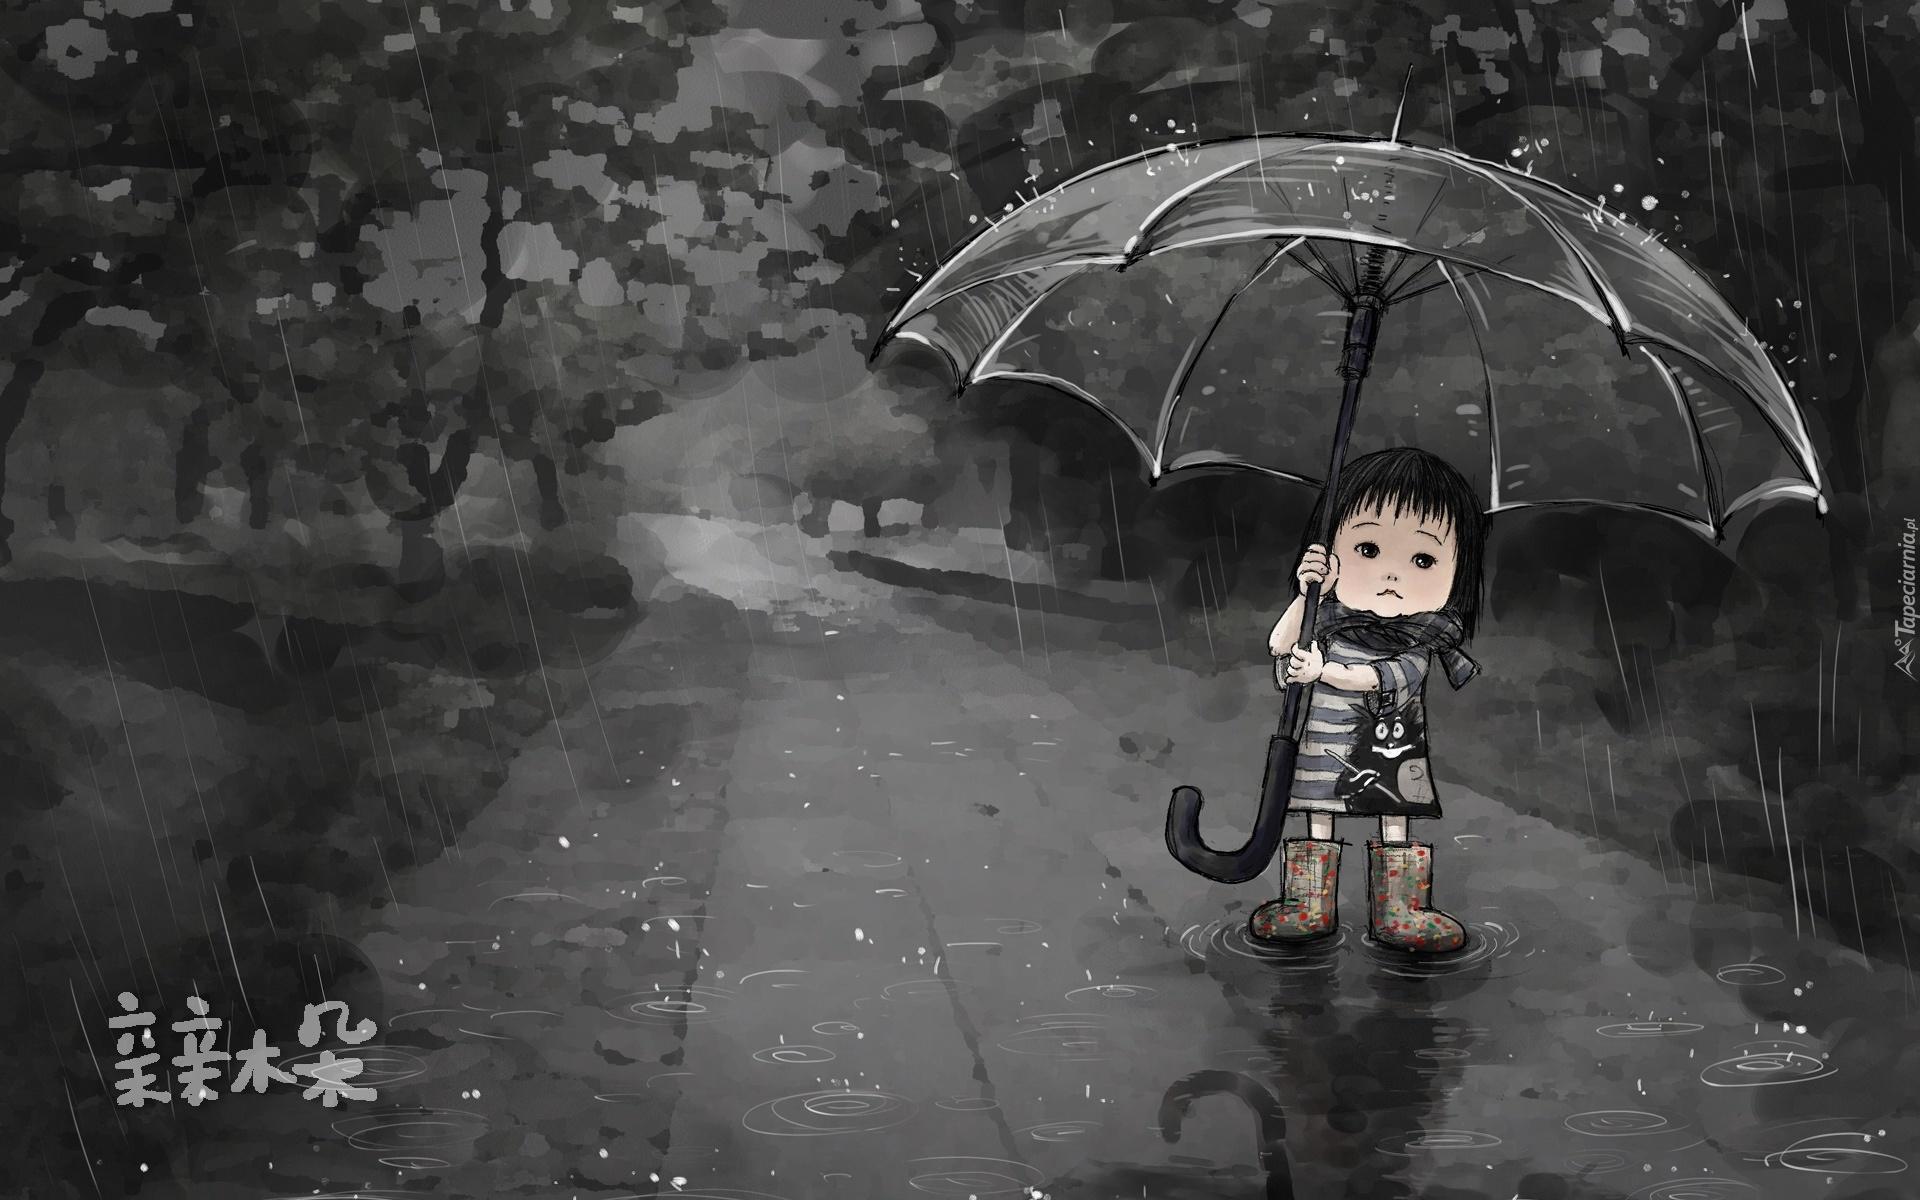 Deszcz, Dziewczynka, Parasol